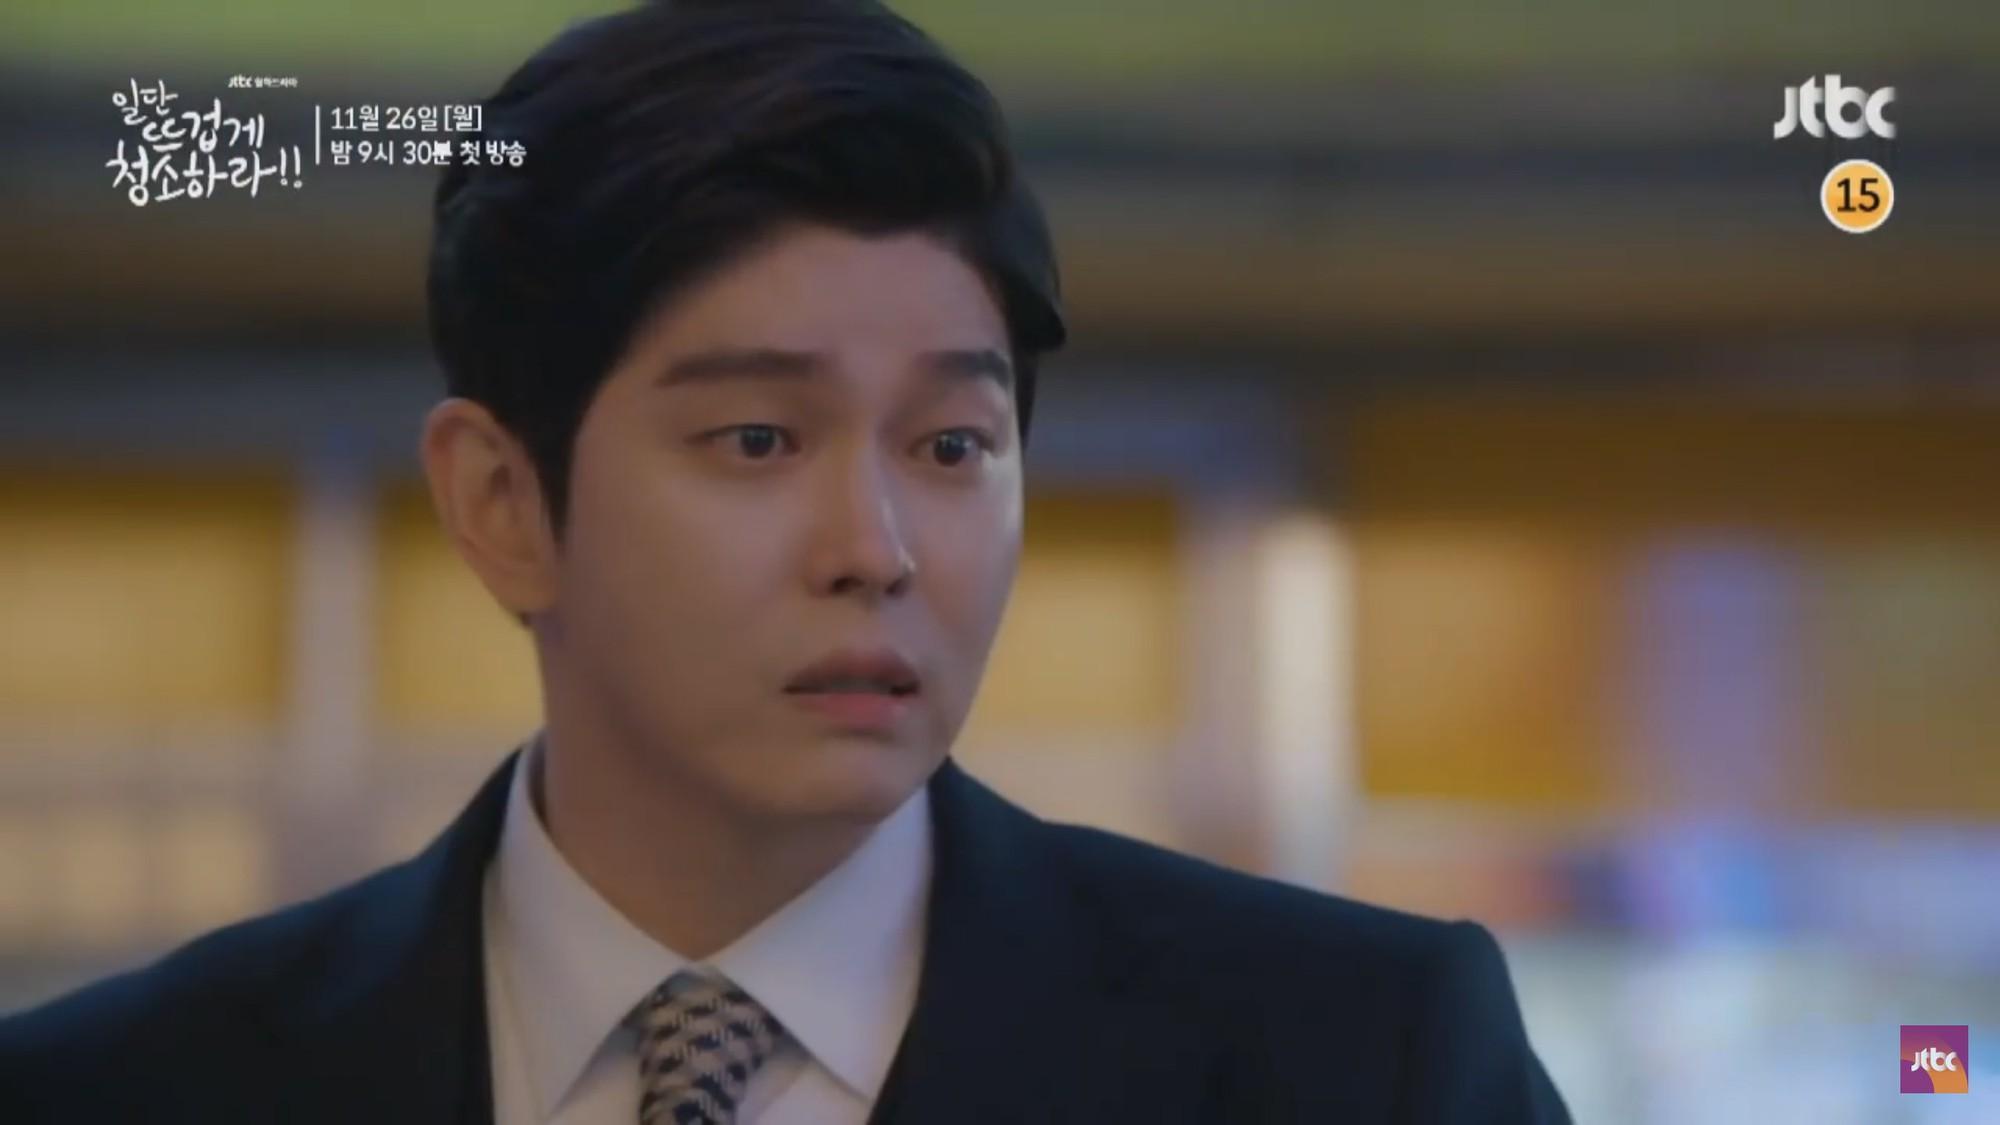 """Tiểu mỹ nhân Mây Họa Ánh Trăng Kim Yoo Jung hóa quý cô công sở trong """"Cô Tiên Dọn Dẹp"""" - Ảnh 2."""